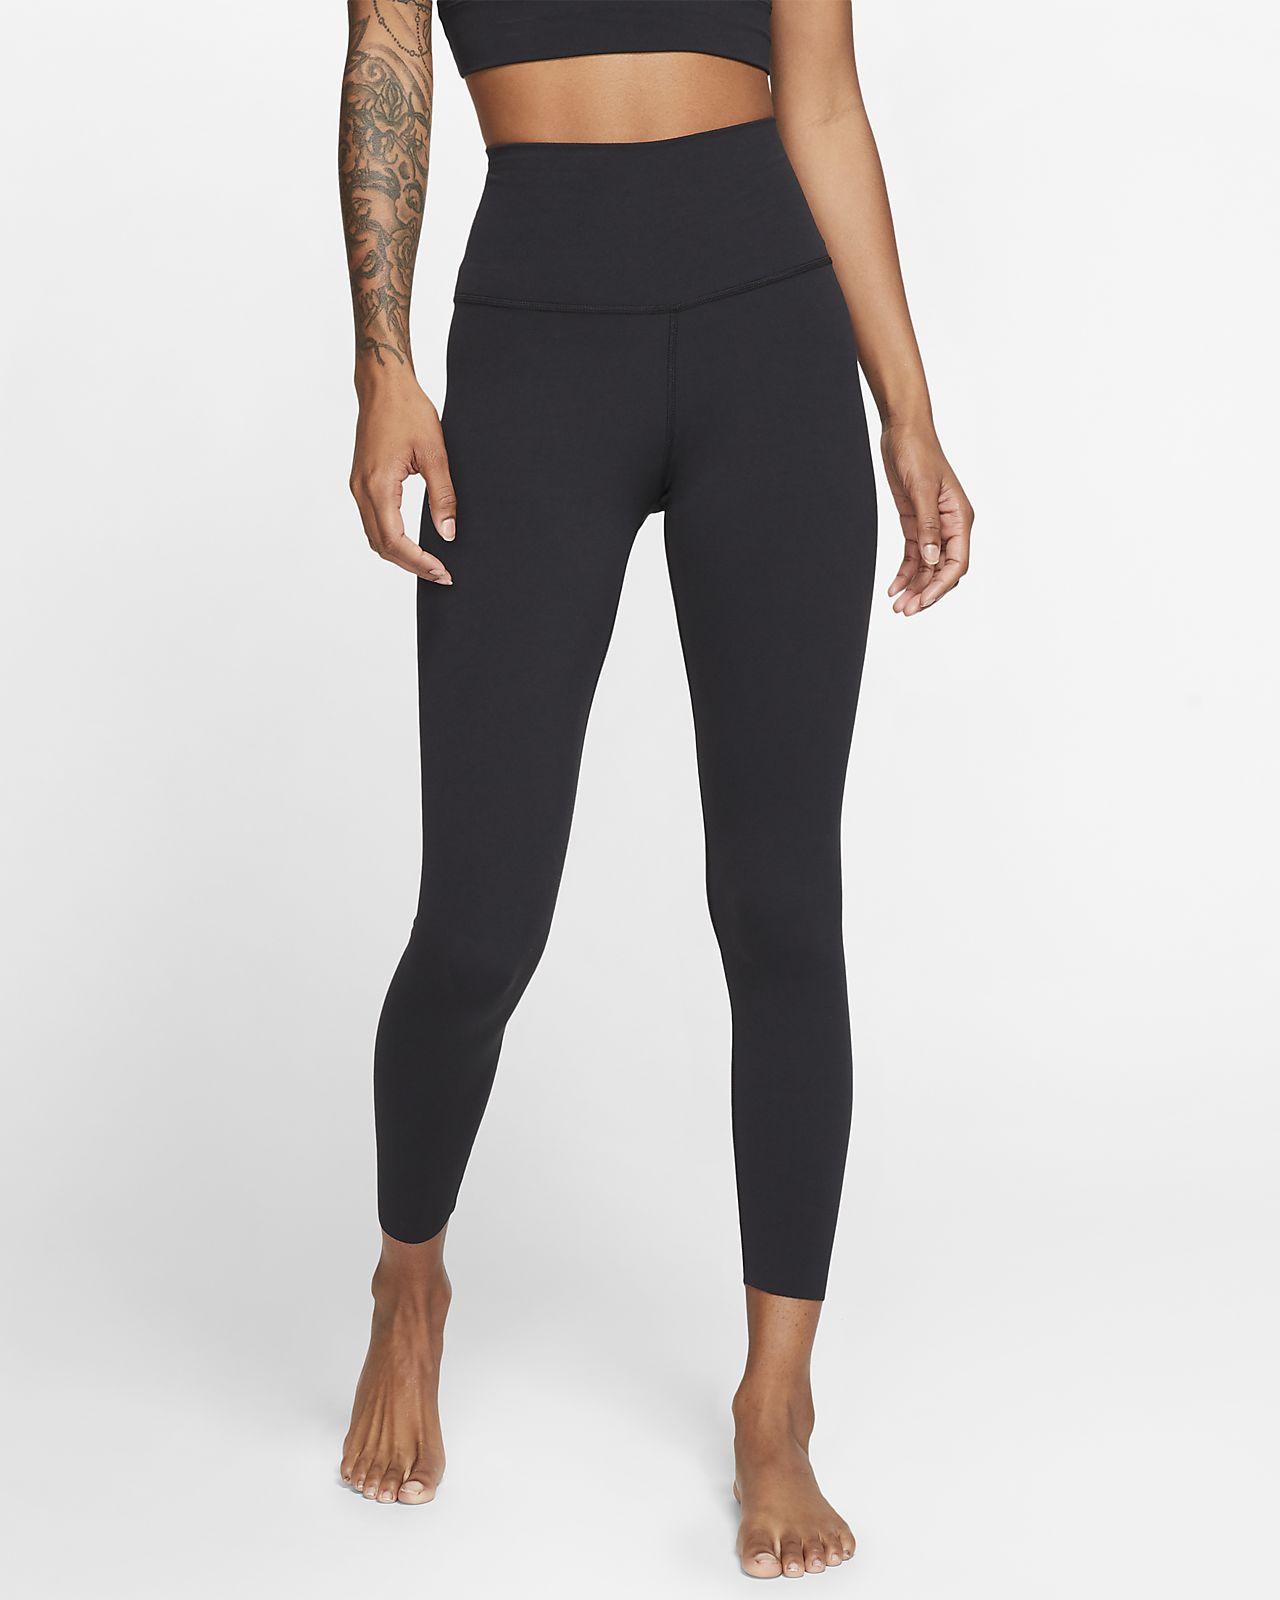 Nike Yoga Luxe 7/8-legging van Infinalon voor dames